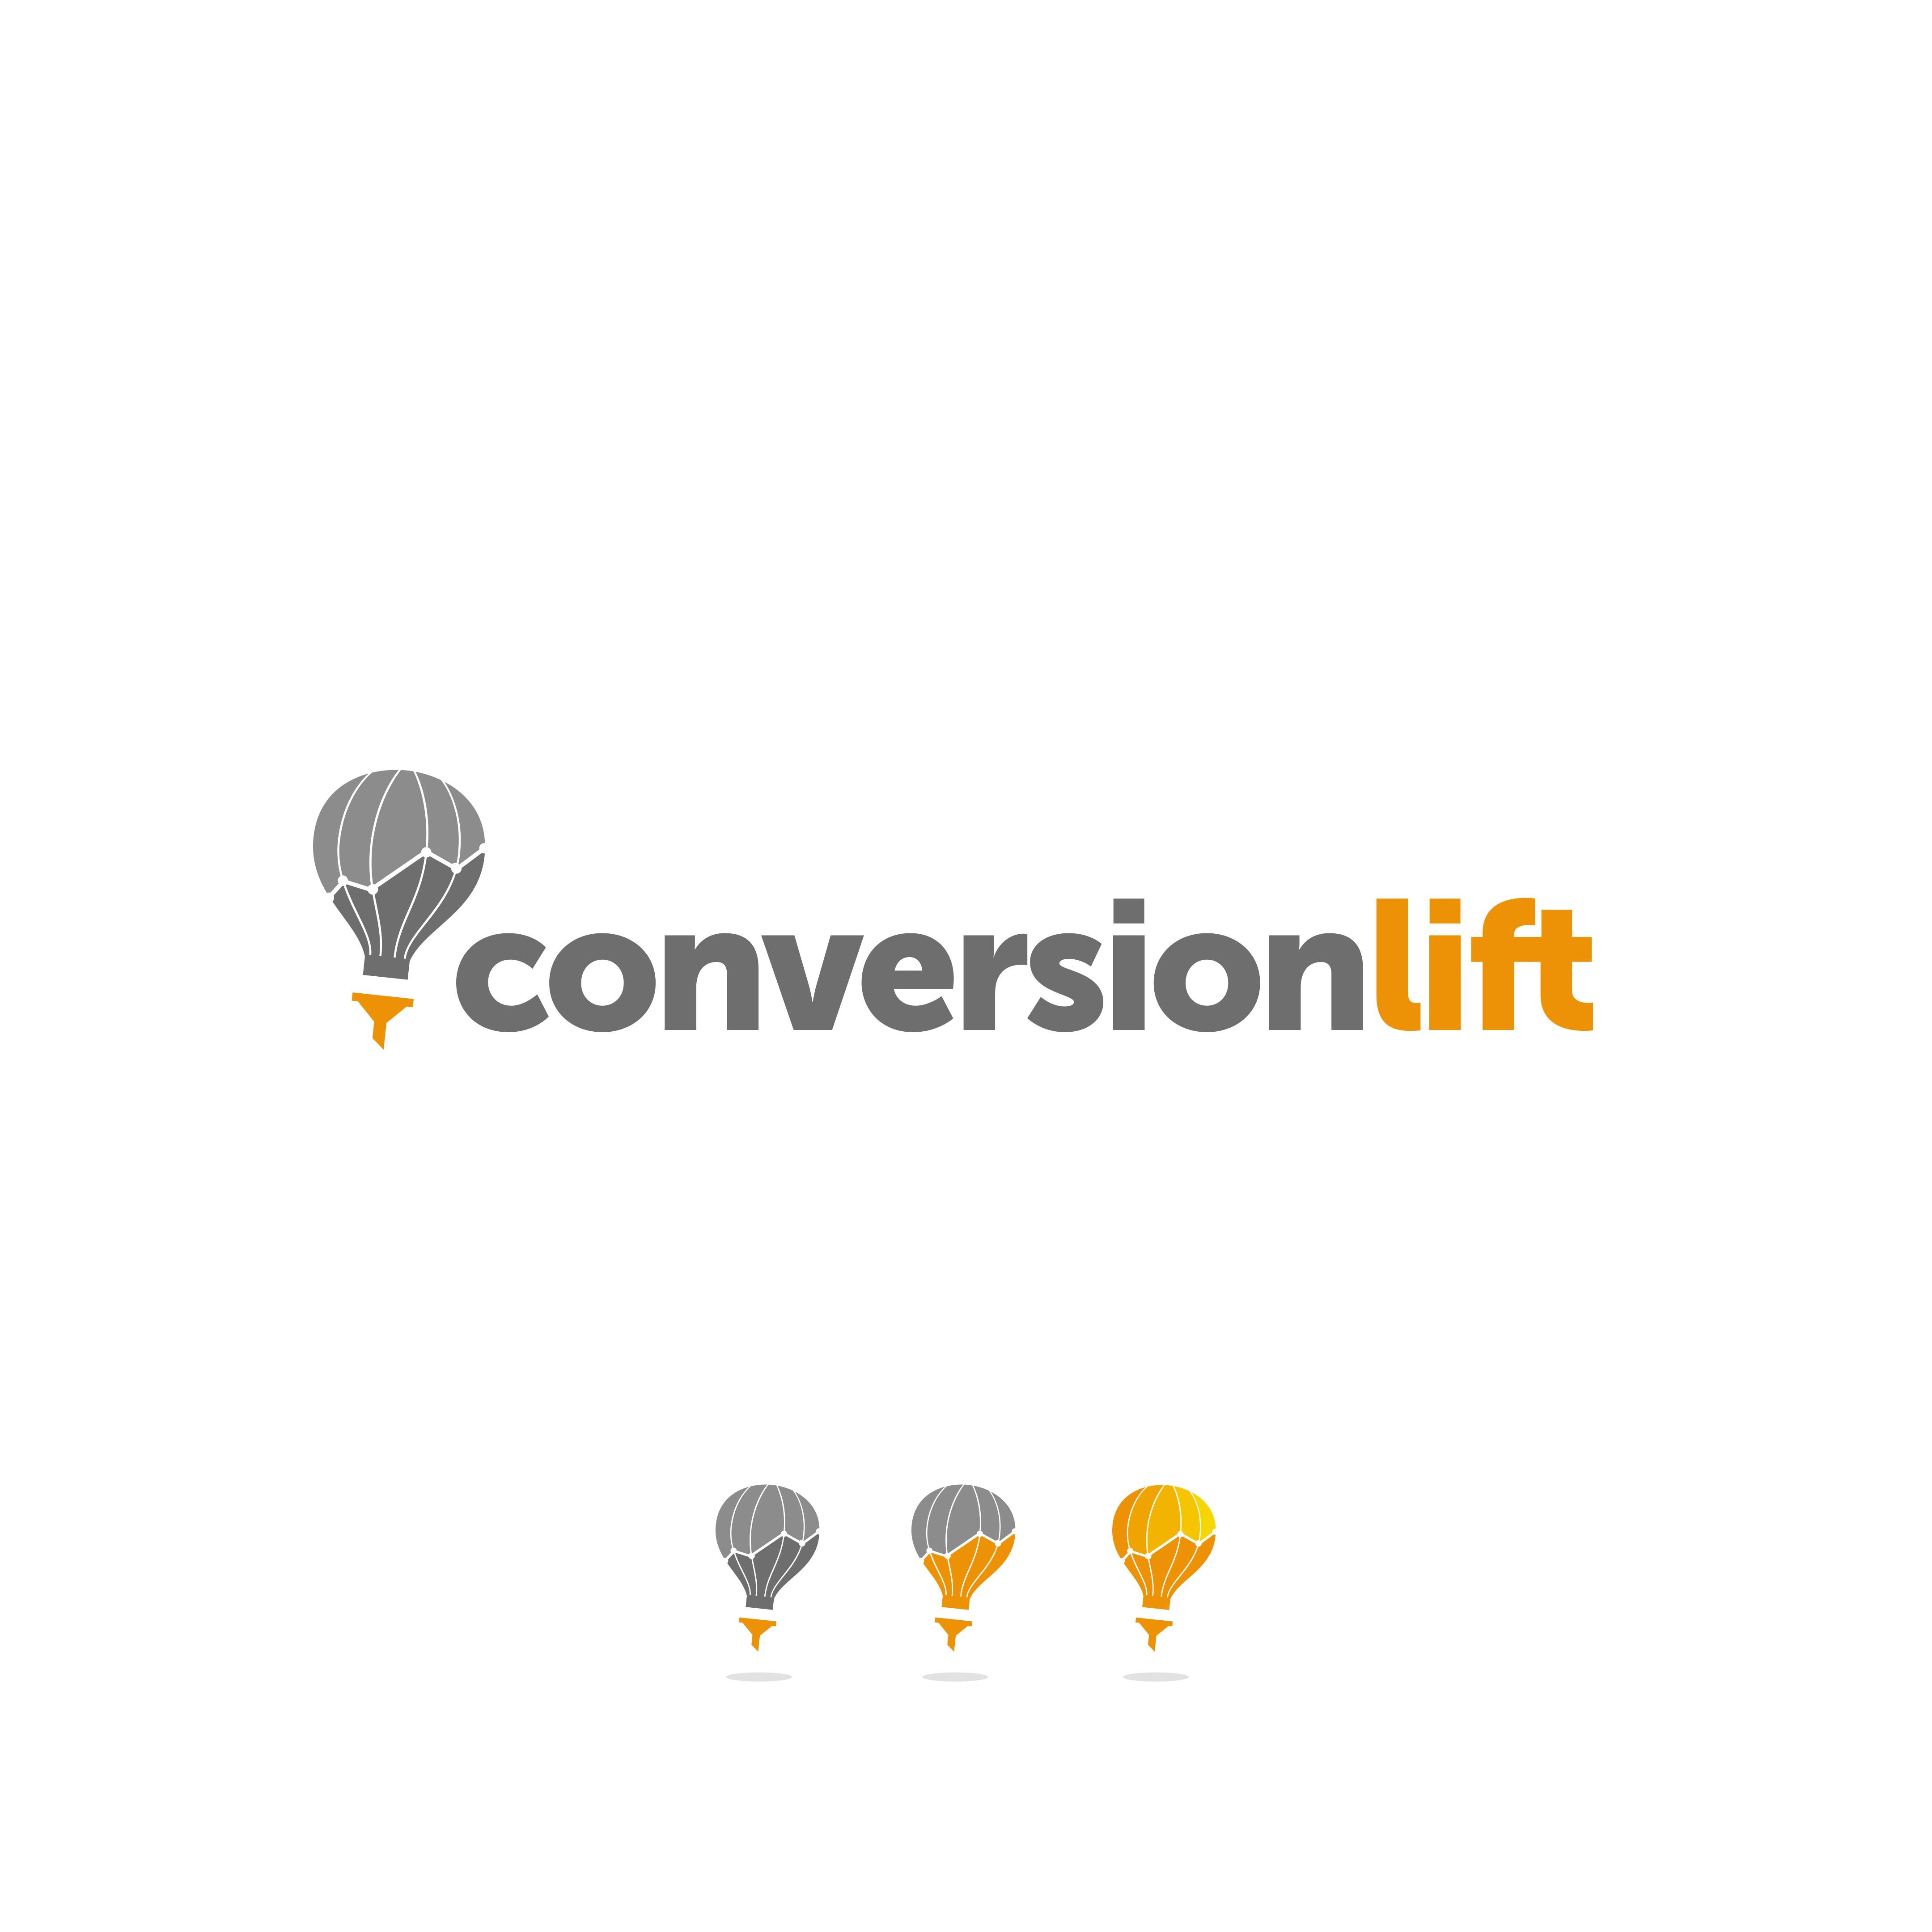 Design a fun-looking logo for a Digital Marketing blog